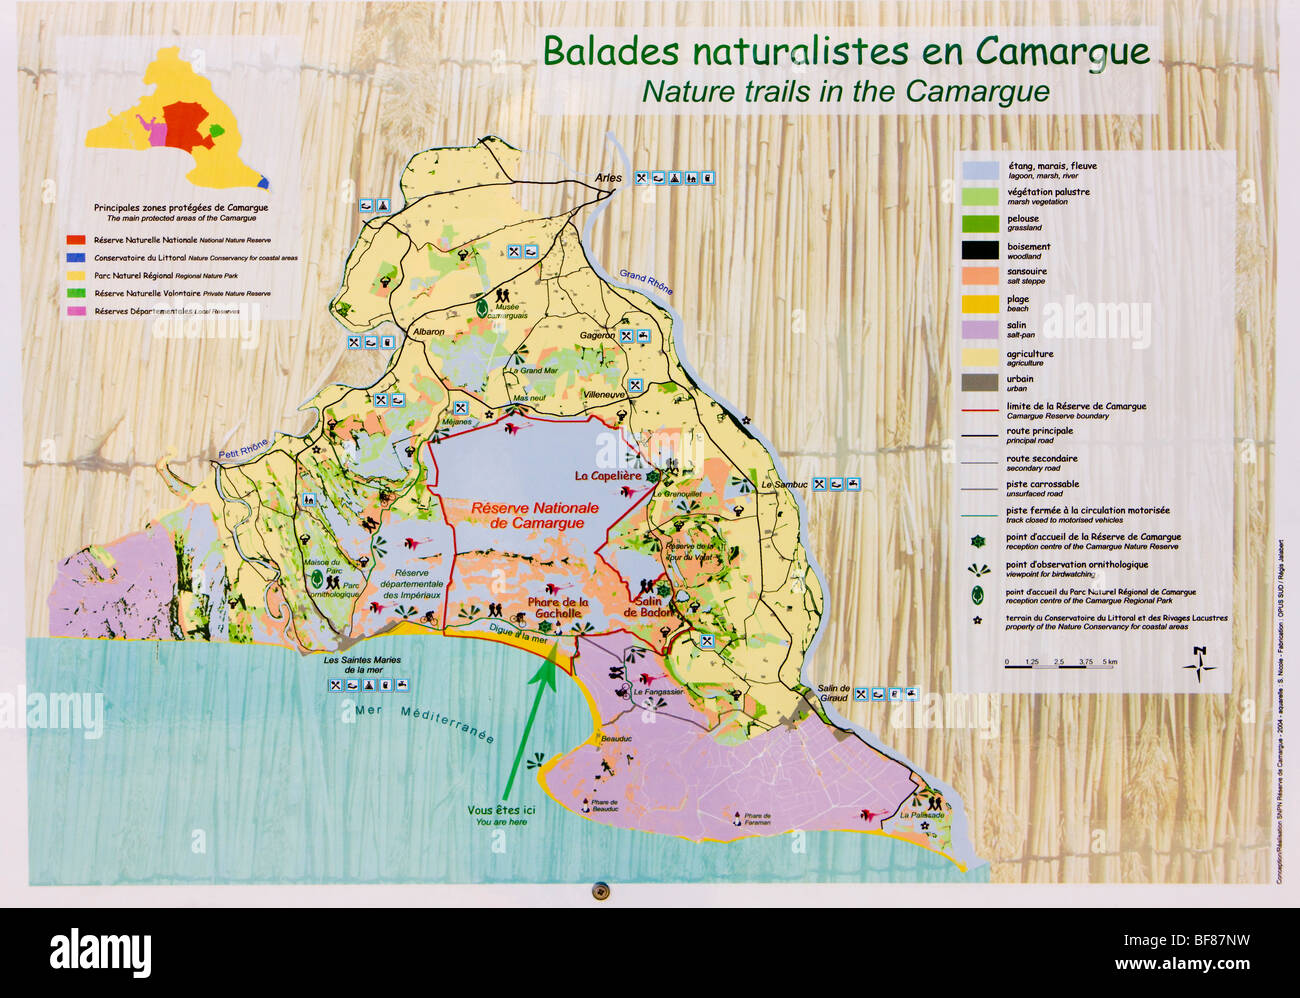 Parc Regional de Camargue, Provence, France - Stock Image